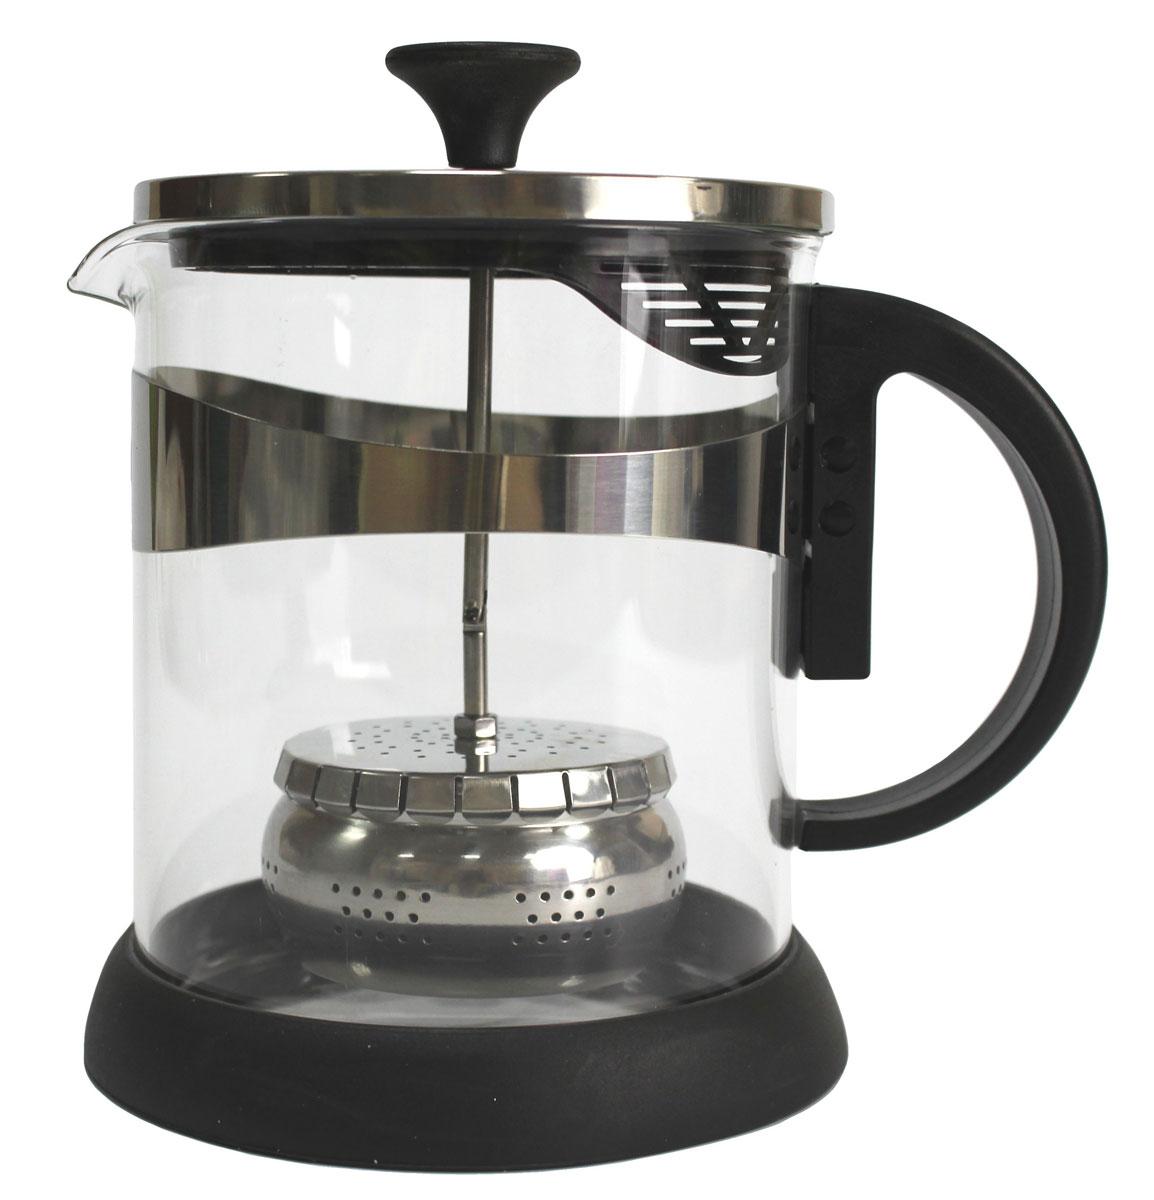 Чайник заварочный Vetta, 1,2 лCM000001328Заварочный чайник Vetta, изготовленный из термостойкого стекла и полипропилена, предоставит вам все необходимые возможности для успешного заваривания чая. Чай в таком чайнике дольше остается горячим, а полезные и ароматические вещества полностью сохраняются в напитке. Чайник оснащен фильтром, который выполнен из нержавеющей стали. Простой и удобный чайник поможет вам приготовить крепкий, ароматный чай.